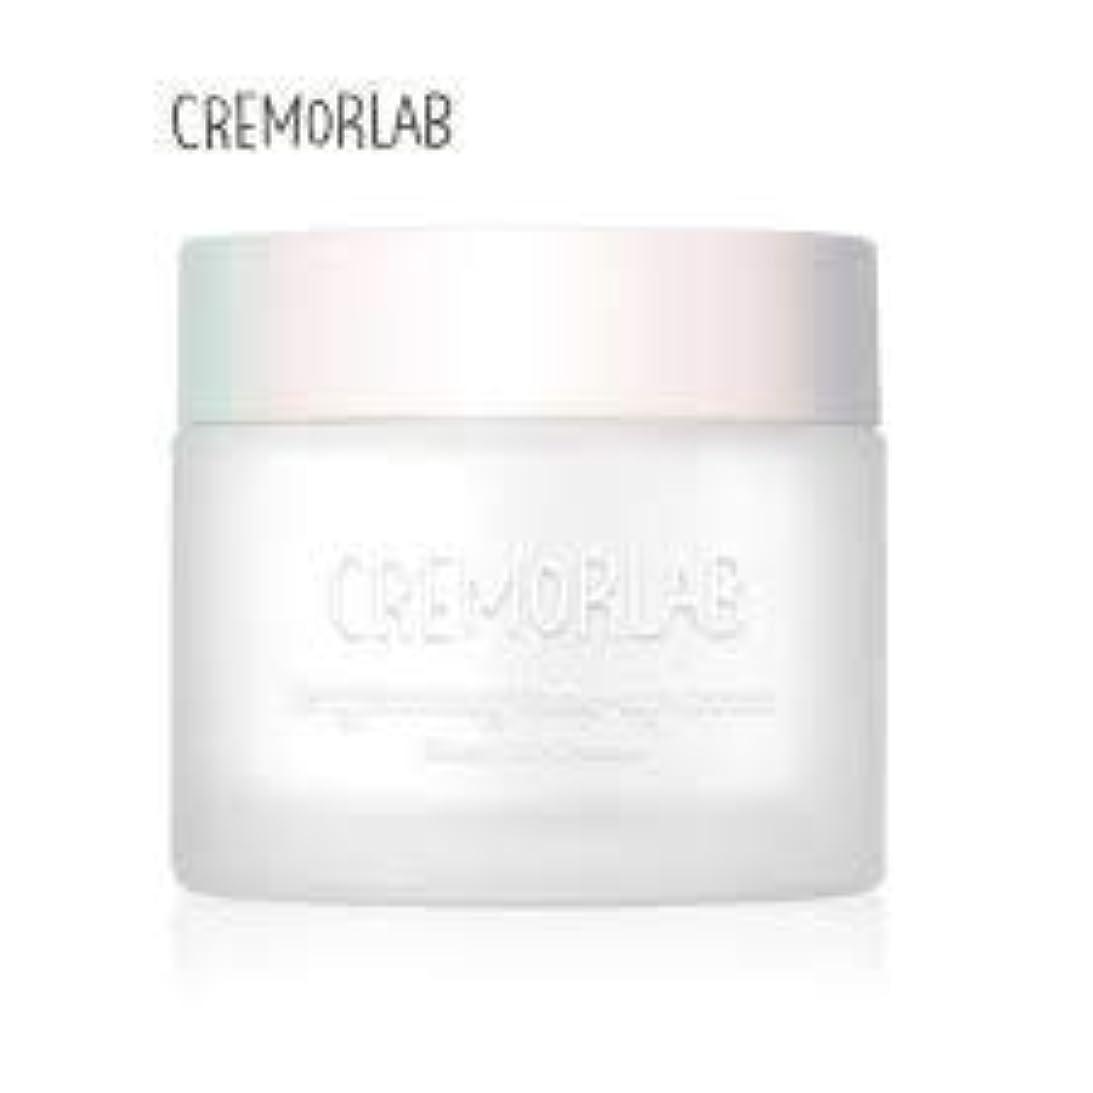 持つ波紋差し引くCREMORLAB ブランドクレマーブライトニングクリーム50ml - 肌のトーンを洗練させ、透明度を高め、肌の色を明るくします。